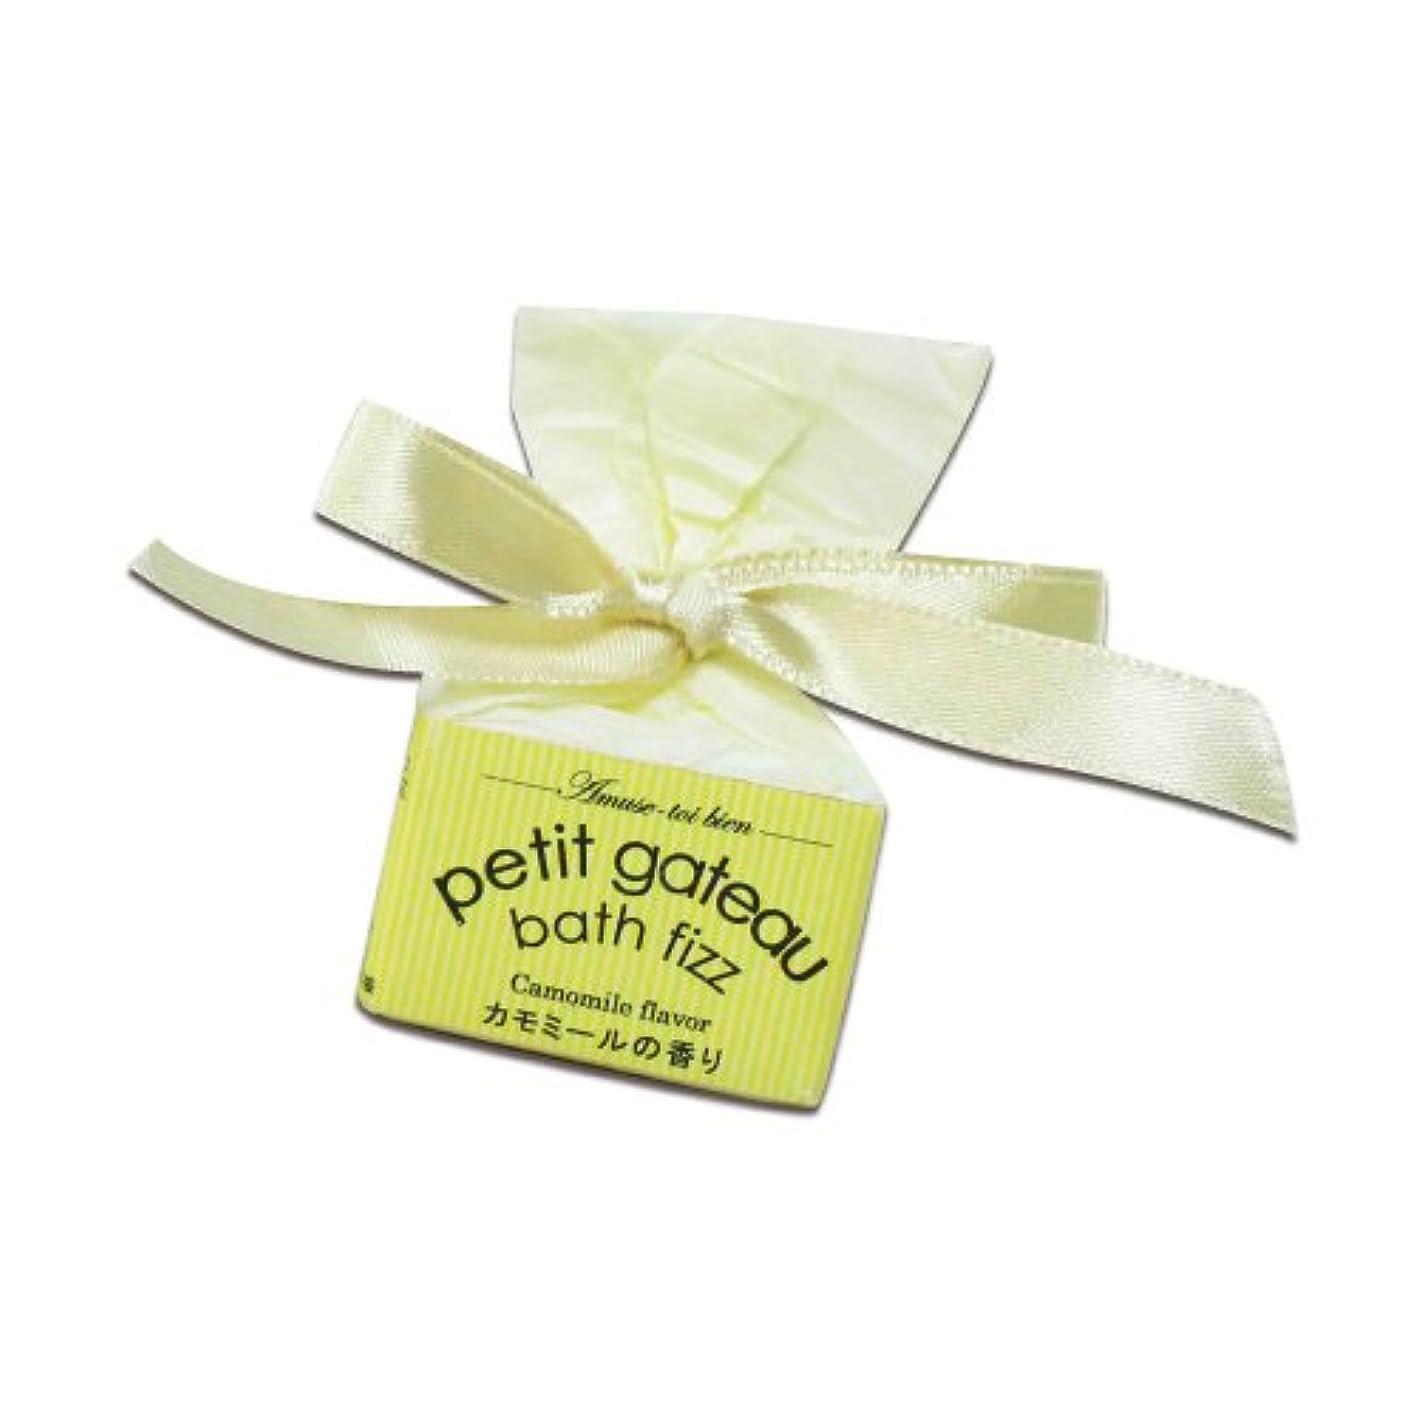 残るあらゆる種類のアカデミックプチガトーバスフィザー カモミールの香り 12個セット